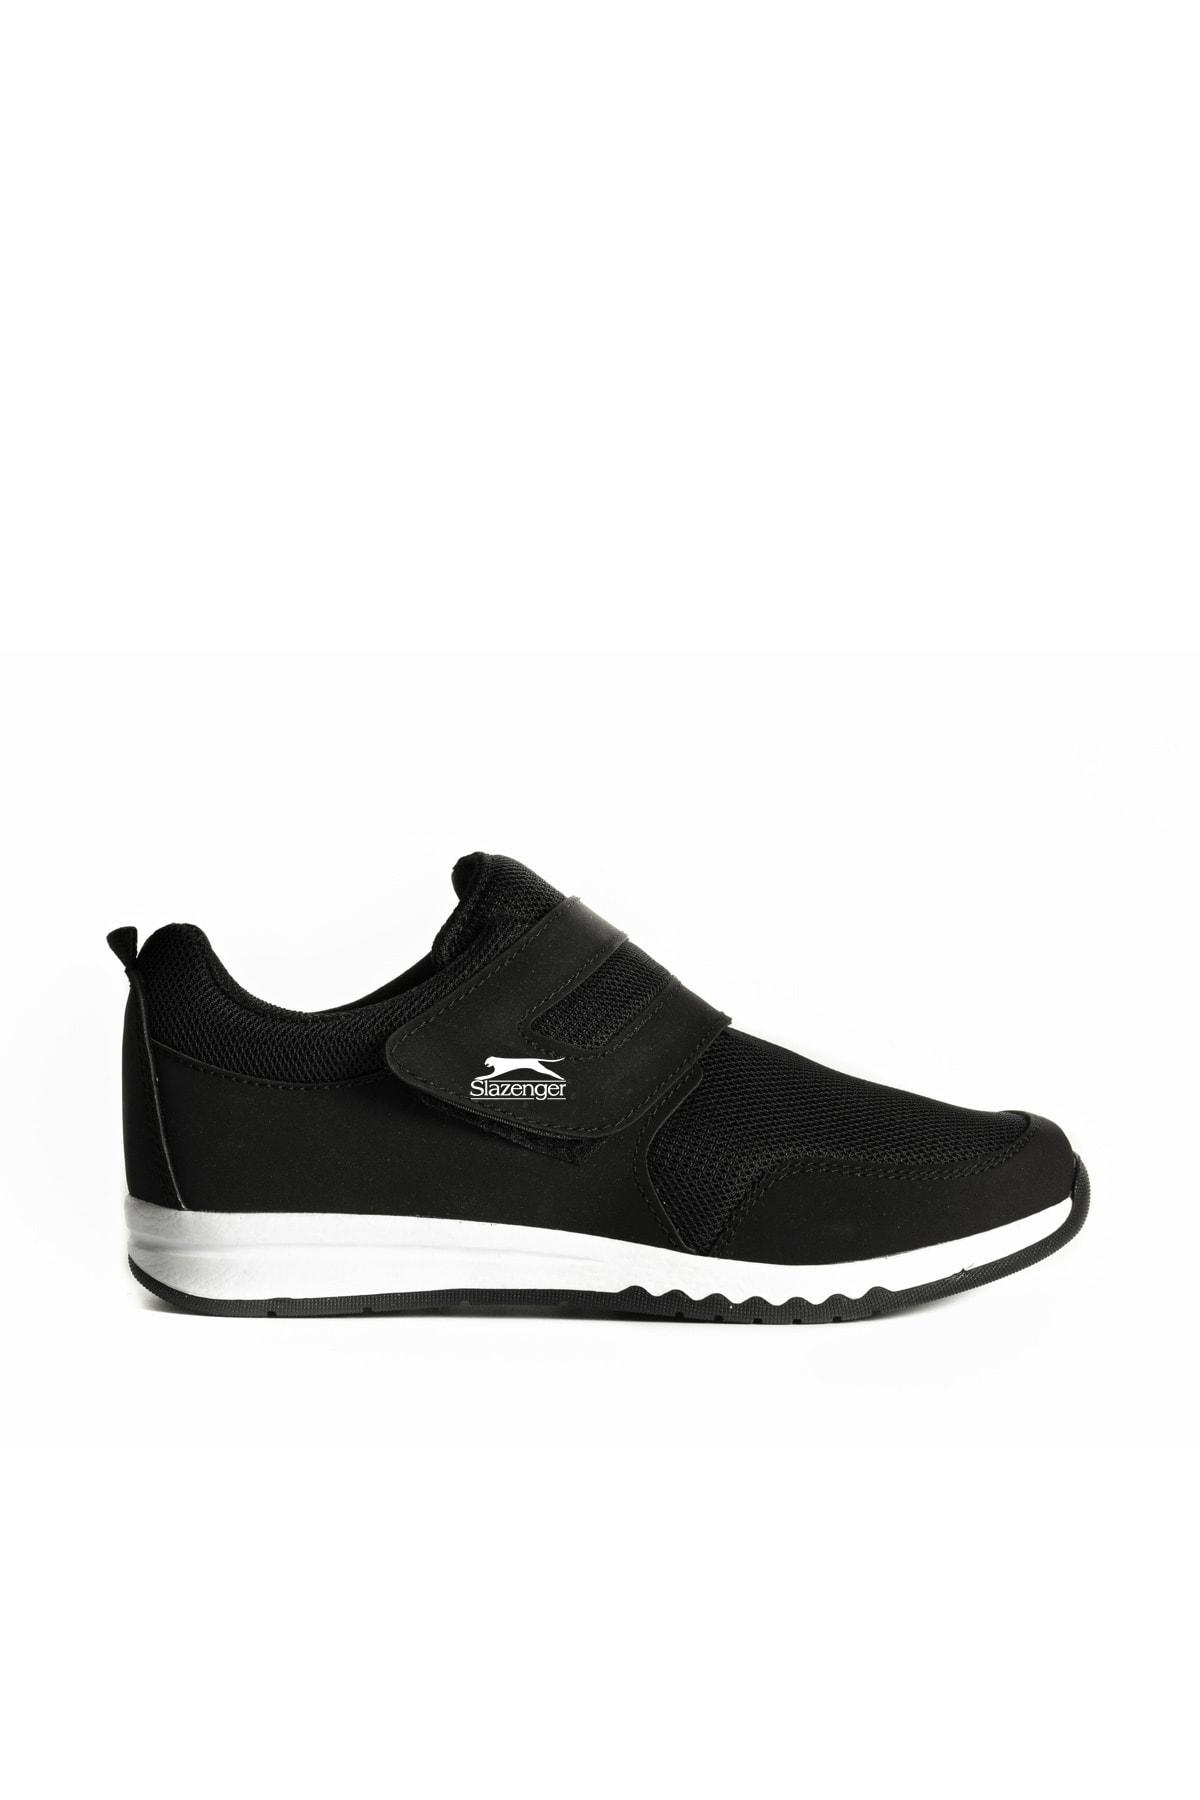 Slazenger Alıson Günlük Giyim Kadın Ayakkabı Siyah / Beyaz 1